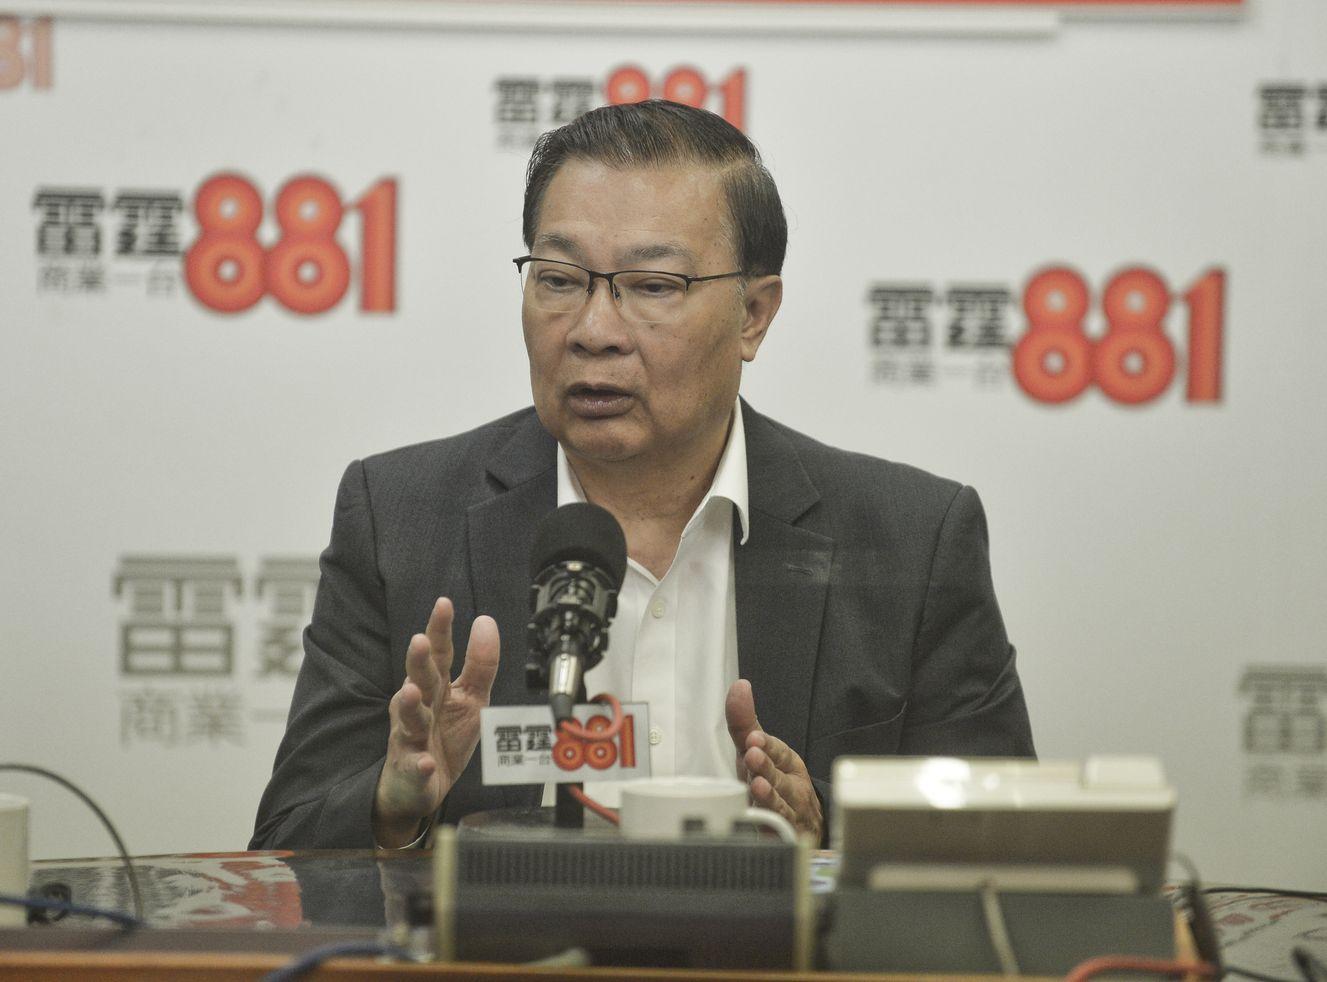 谭耀宗表示,将修订交上立法会大会进行二读,是可行亦符合议事规则的办法。